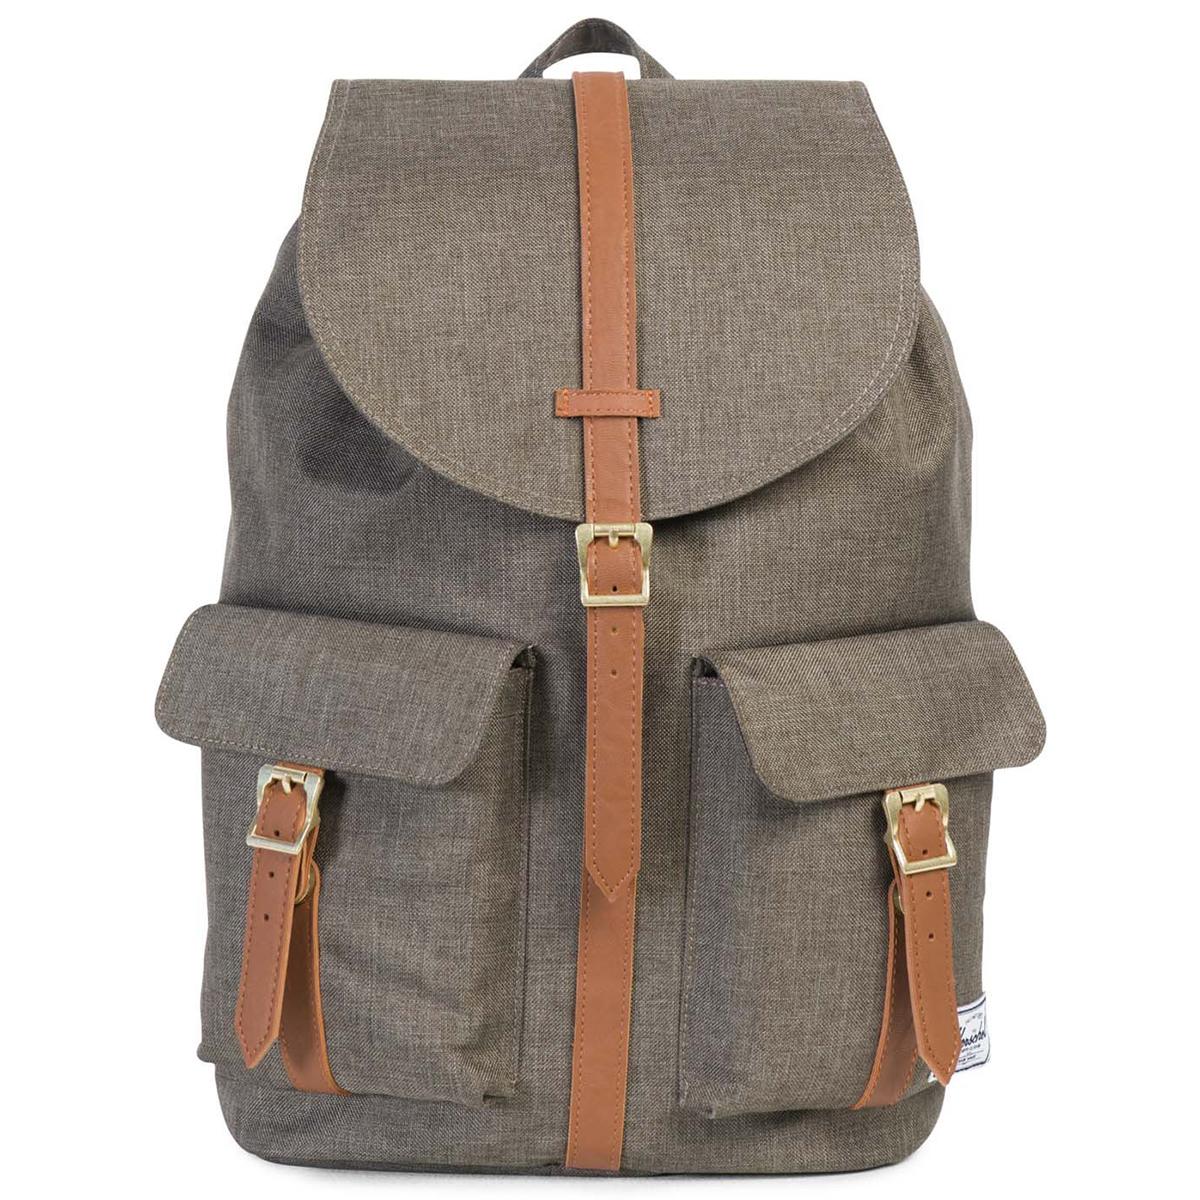 Рюкзак городской Herschel Dawson (A/S), цвет: хаки. 828432122608828432122608Рюкзак Herschel Dawson ™ функциональный и вместительный, создан для разведки. Удобные внешние карманы.